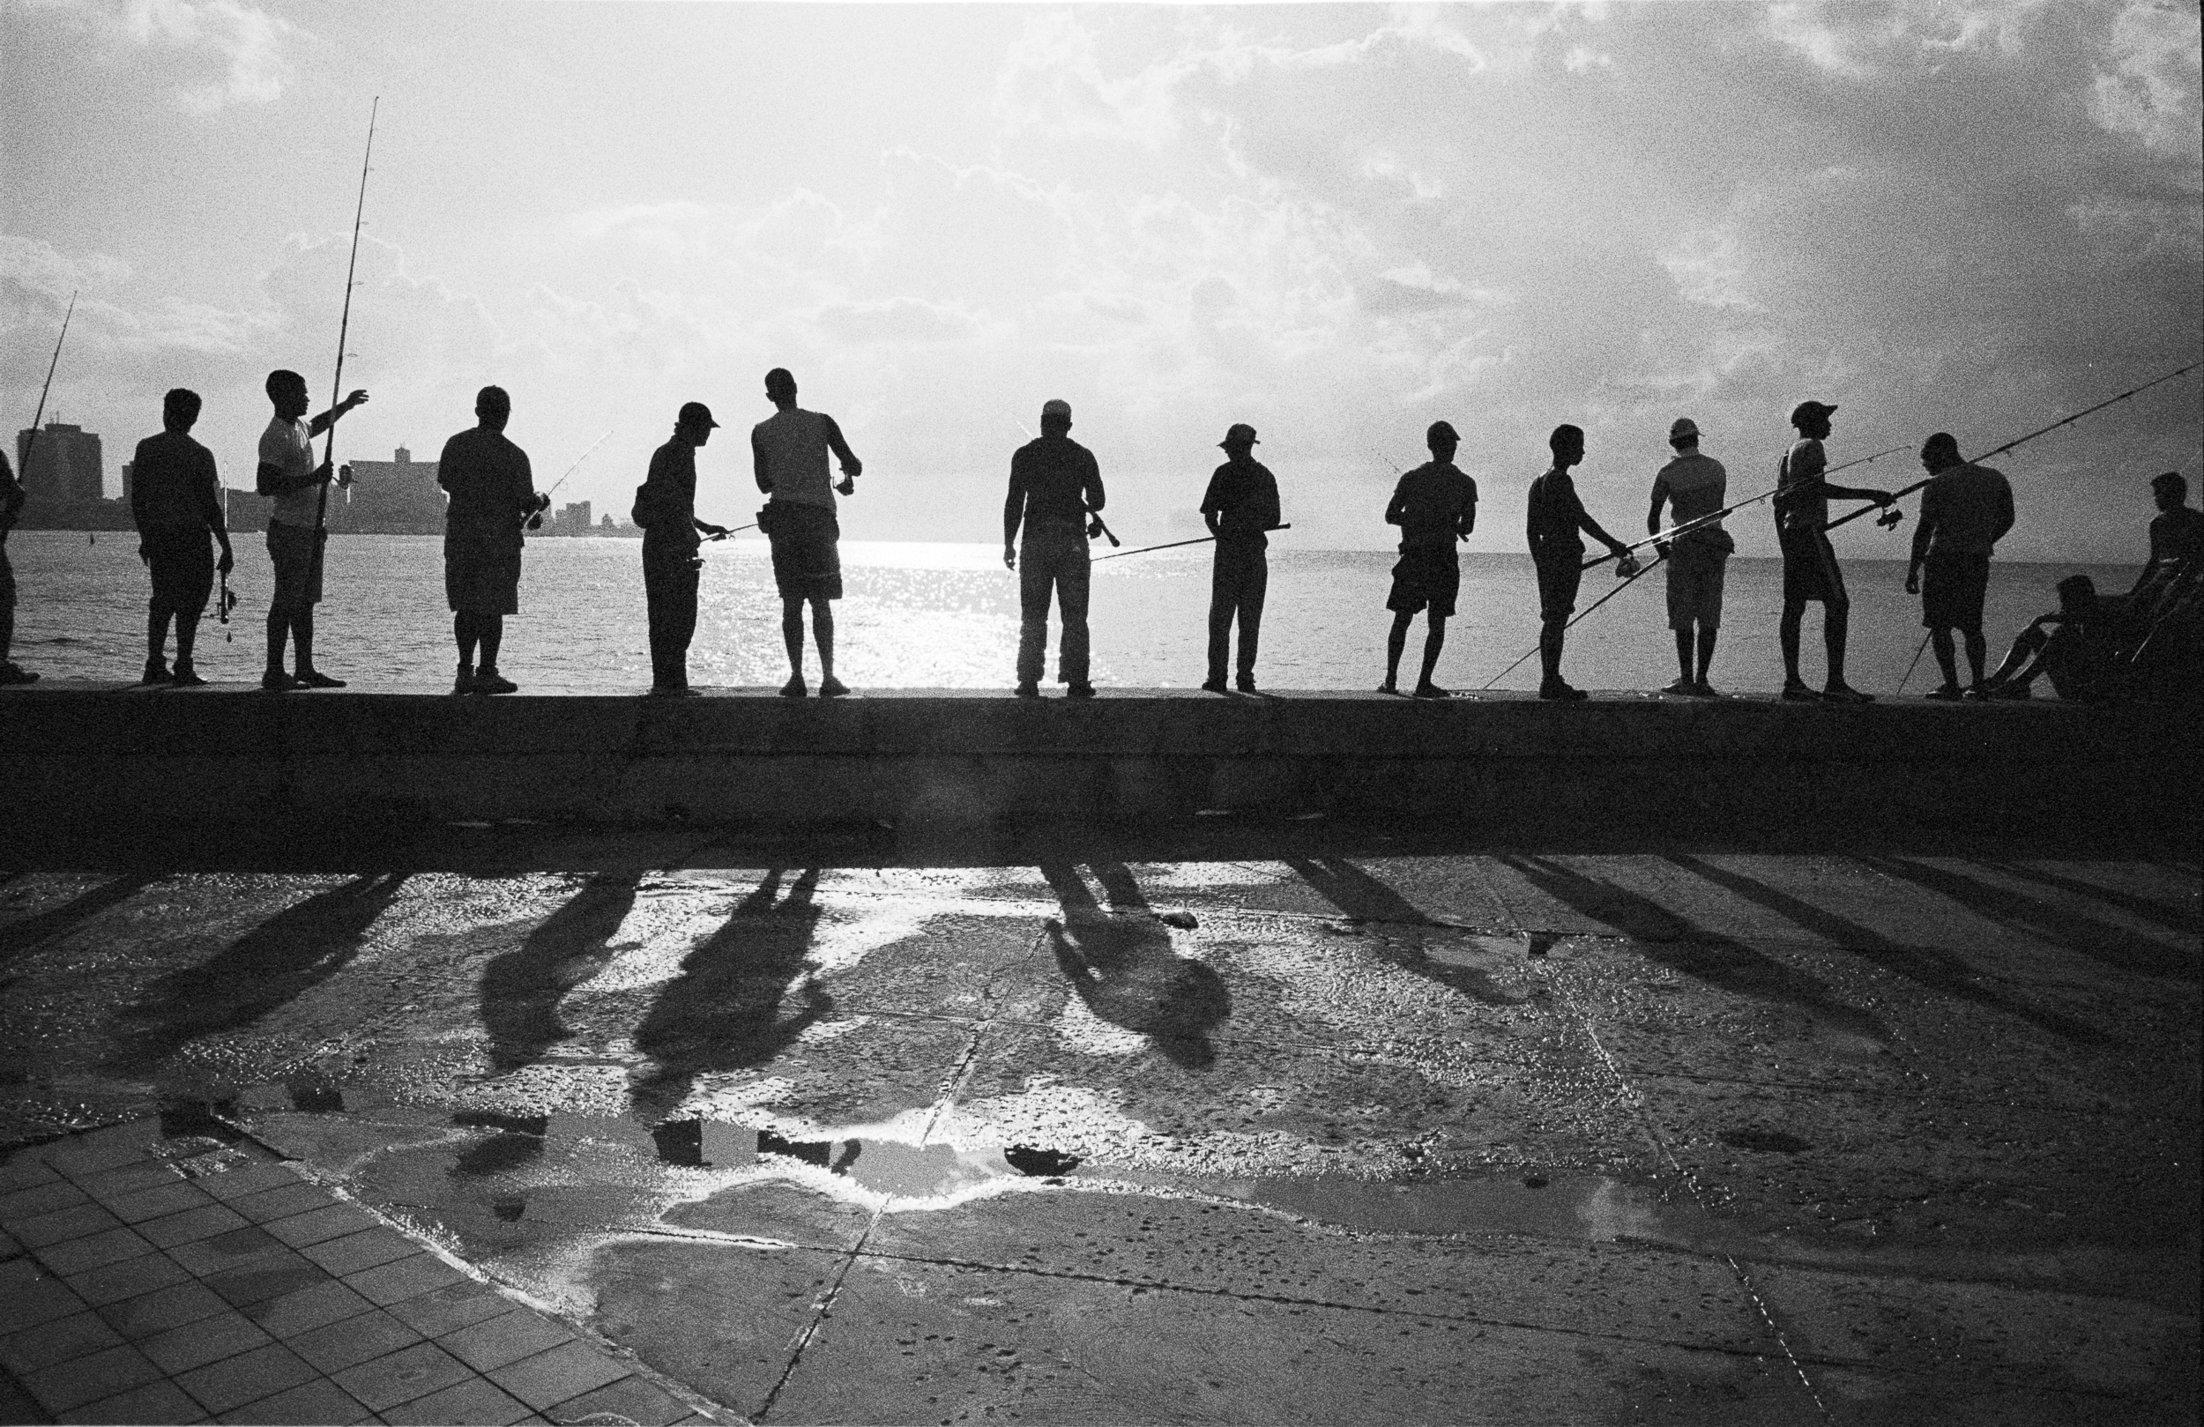 La Habana, Cuba, 2013